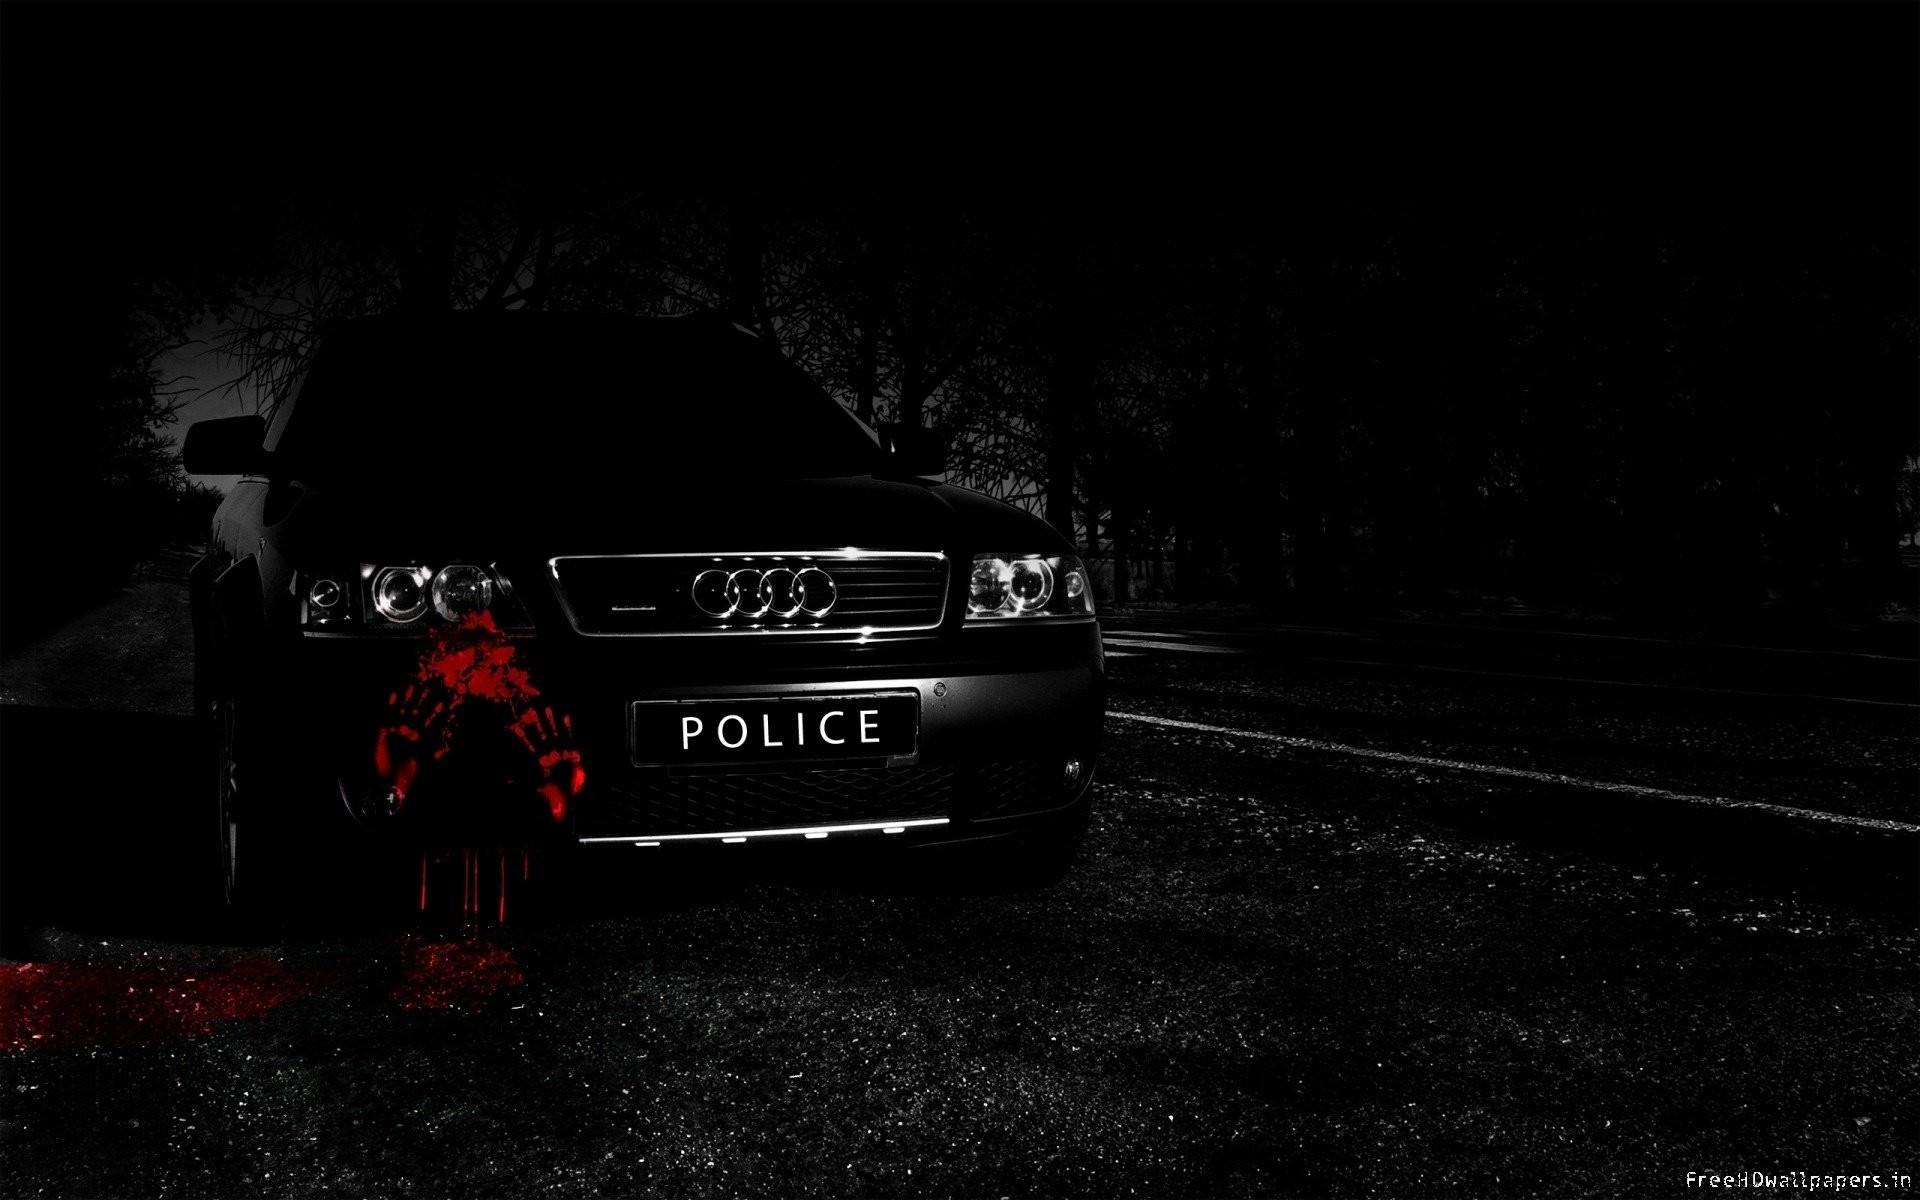 Police 342753; police 323974